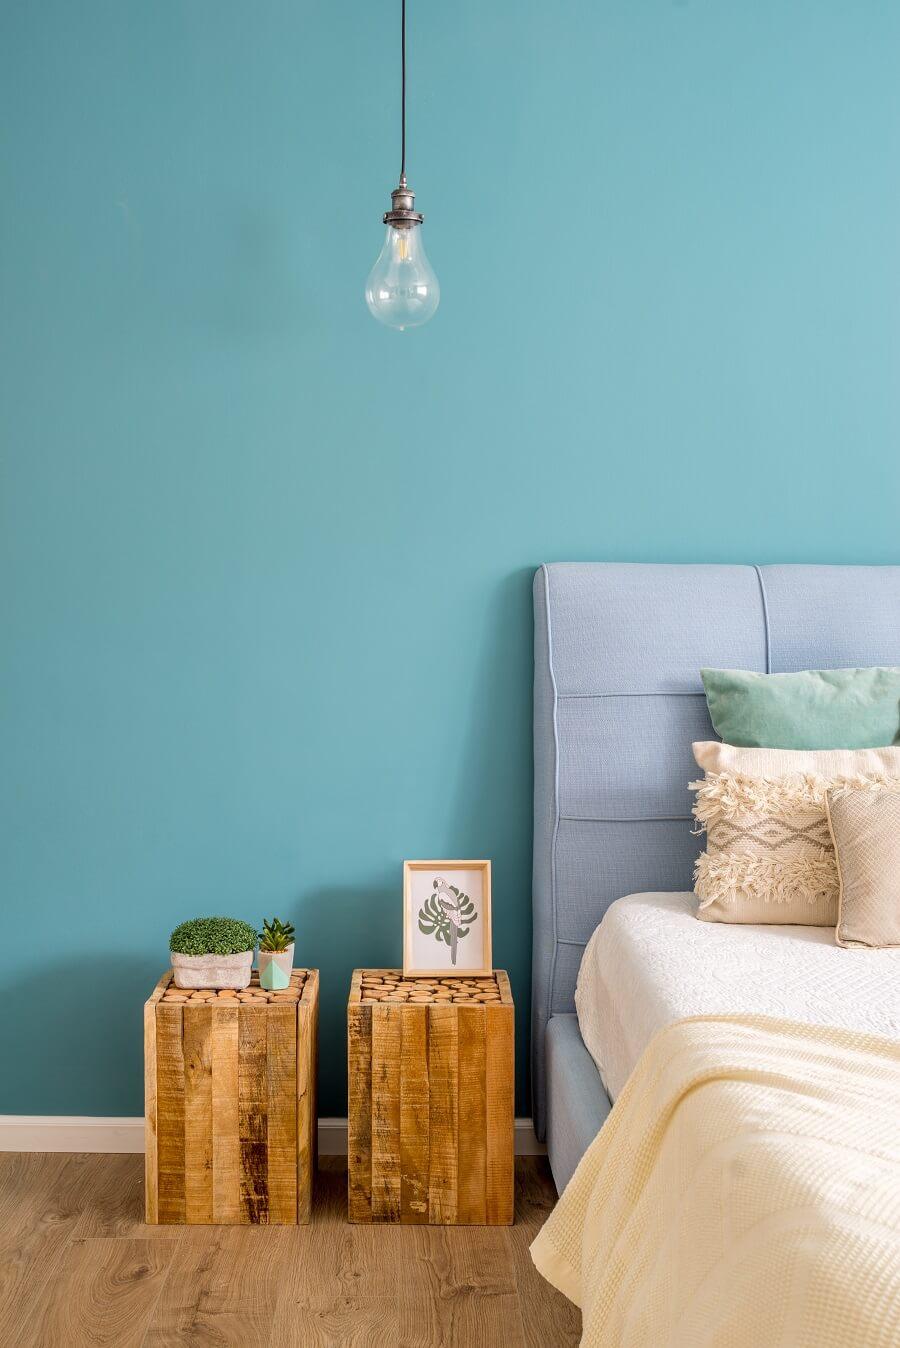 חדר שינה עם קיר כחול